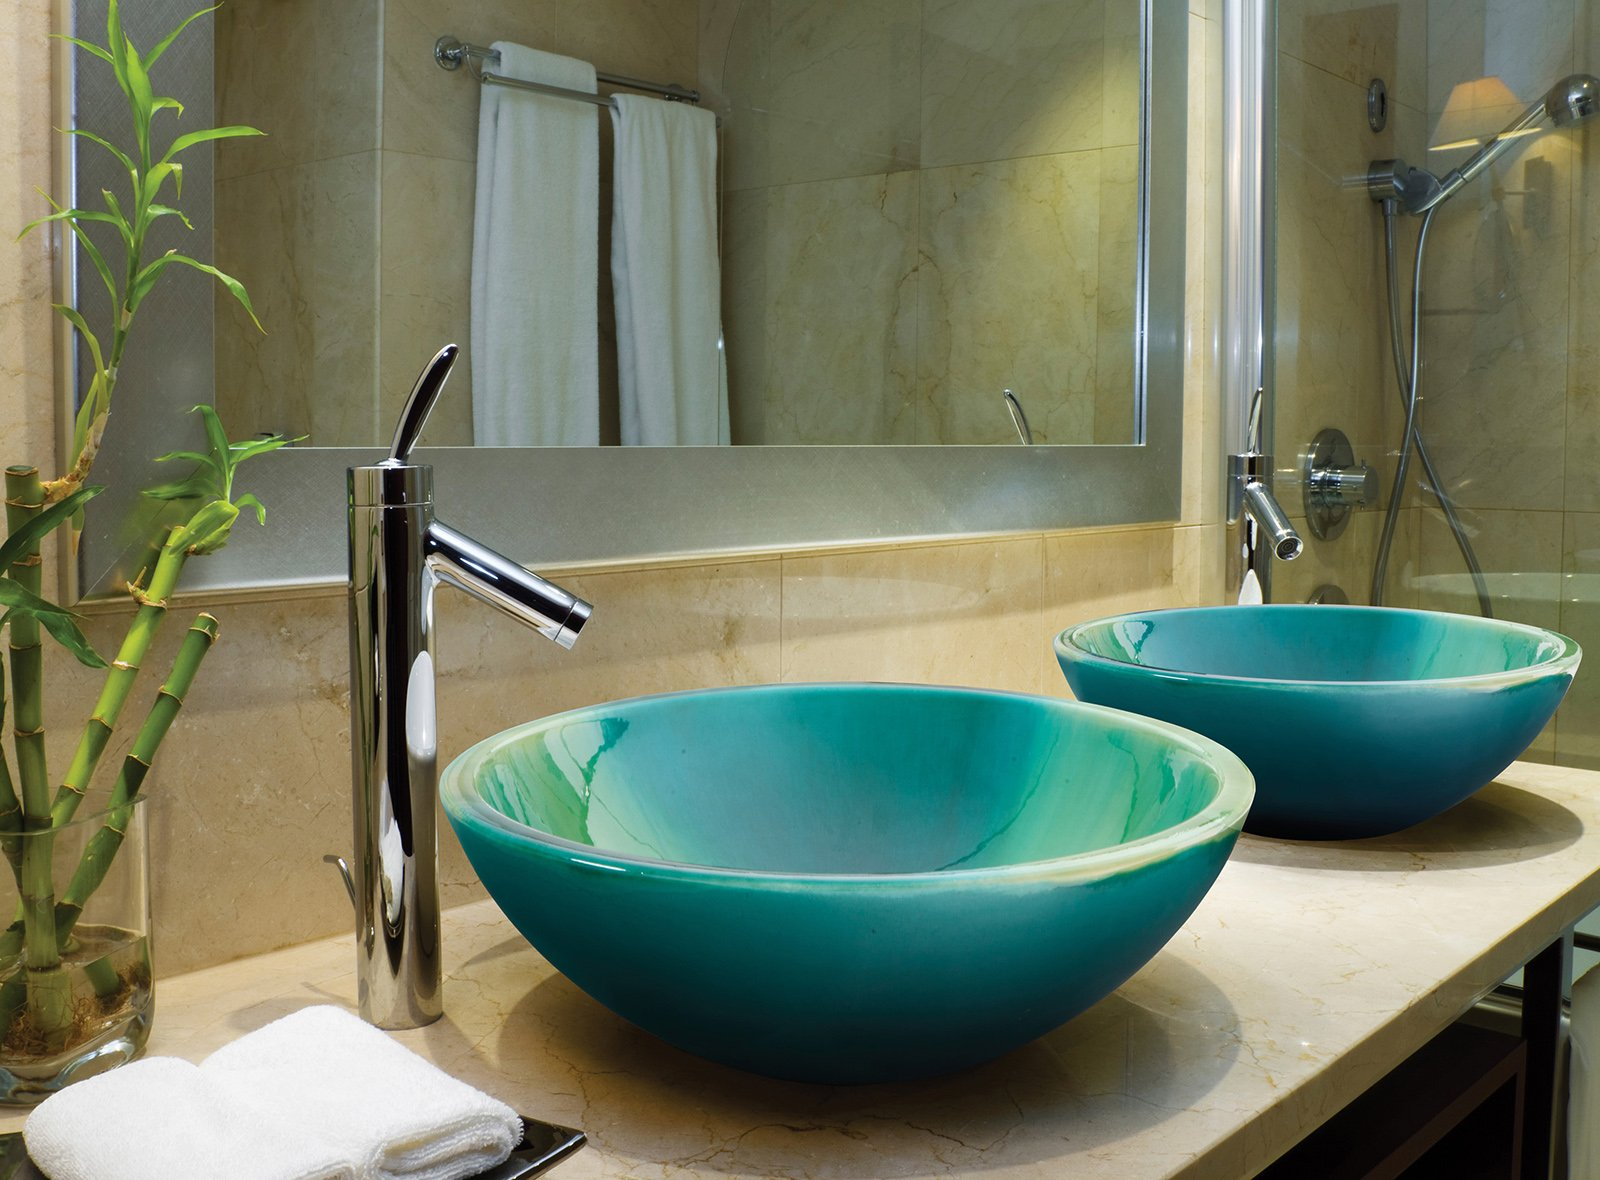 Lavandino Bagno In Vetro Colorato.Lavabi Colorati Per Un Bagno Di Design Cose Di Casa